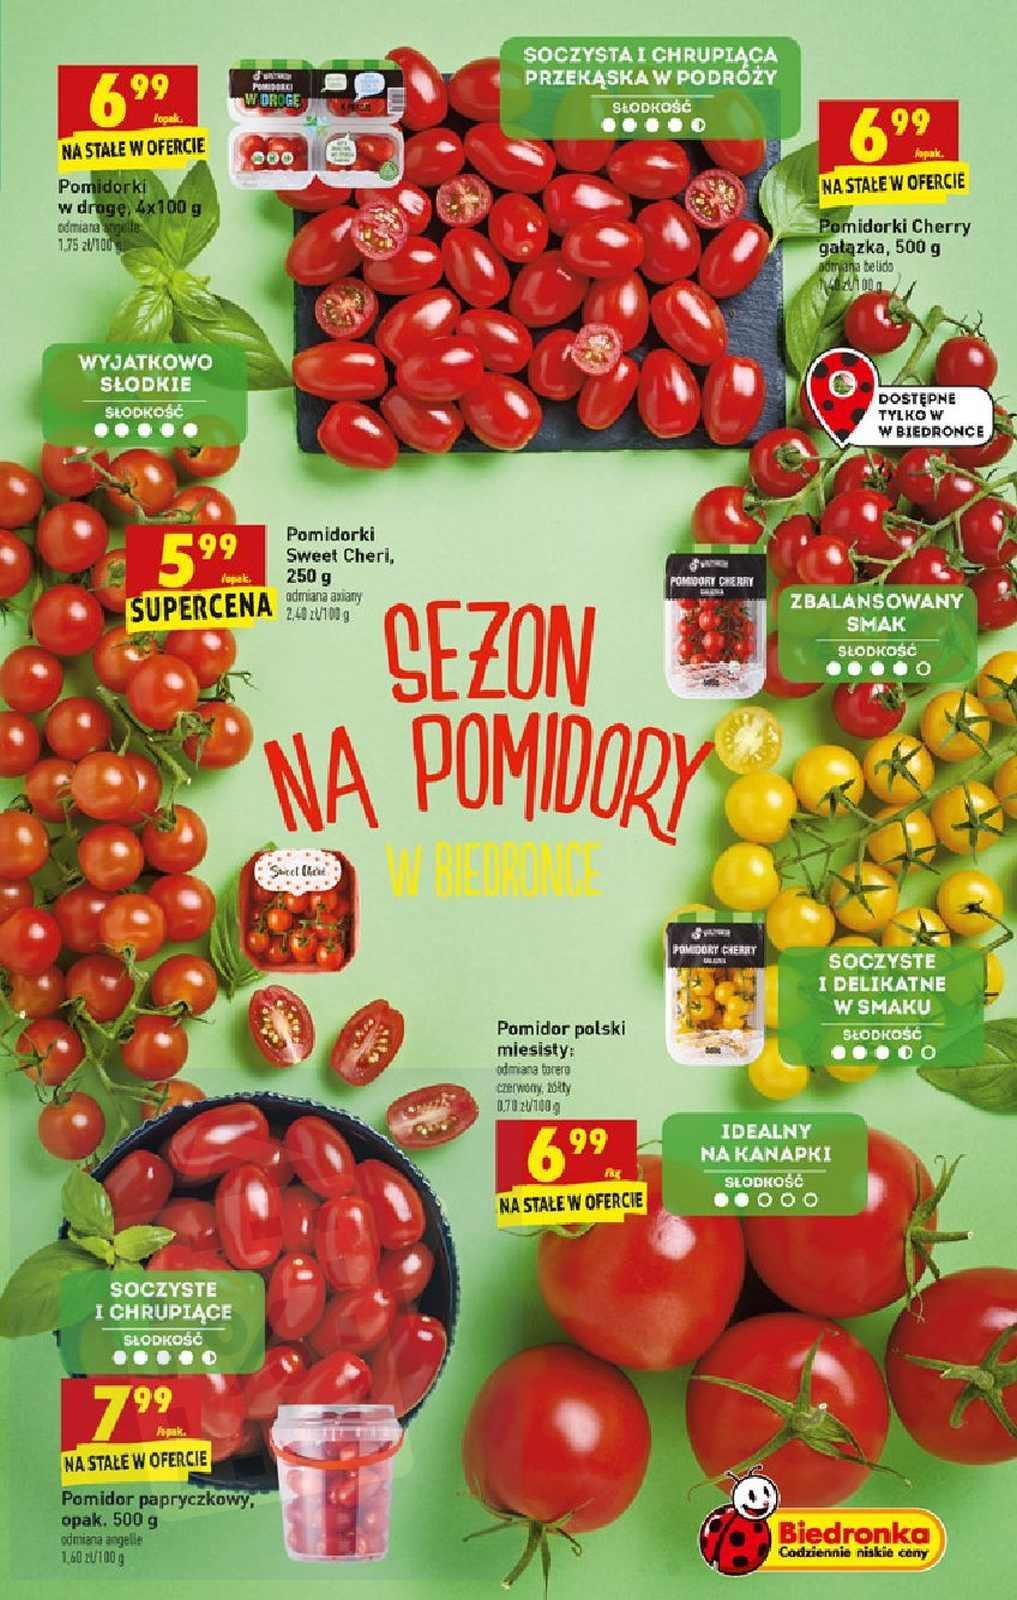 Gazetka promocyjna Biedronka do 25/08/2019 str.8